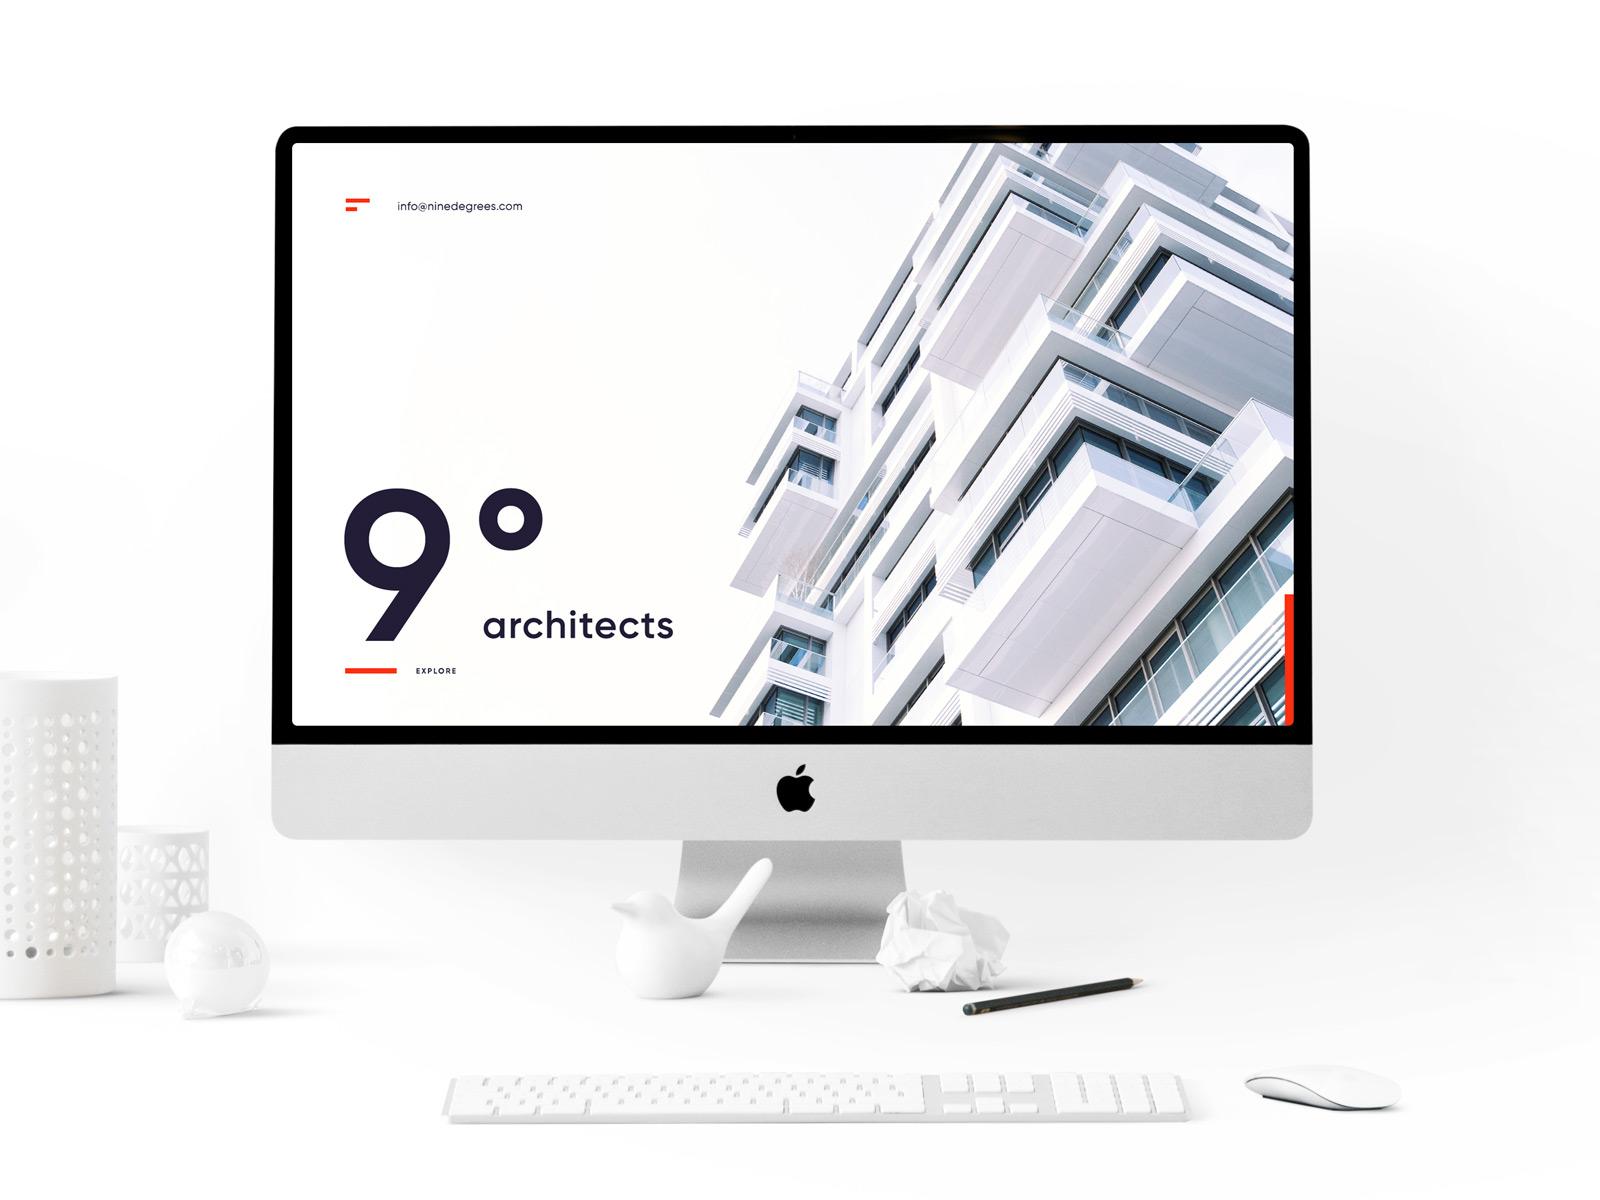 Portfolio Item - Webdesign 05